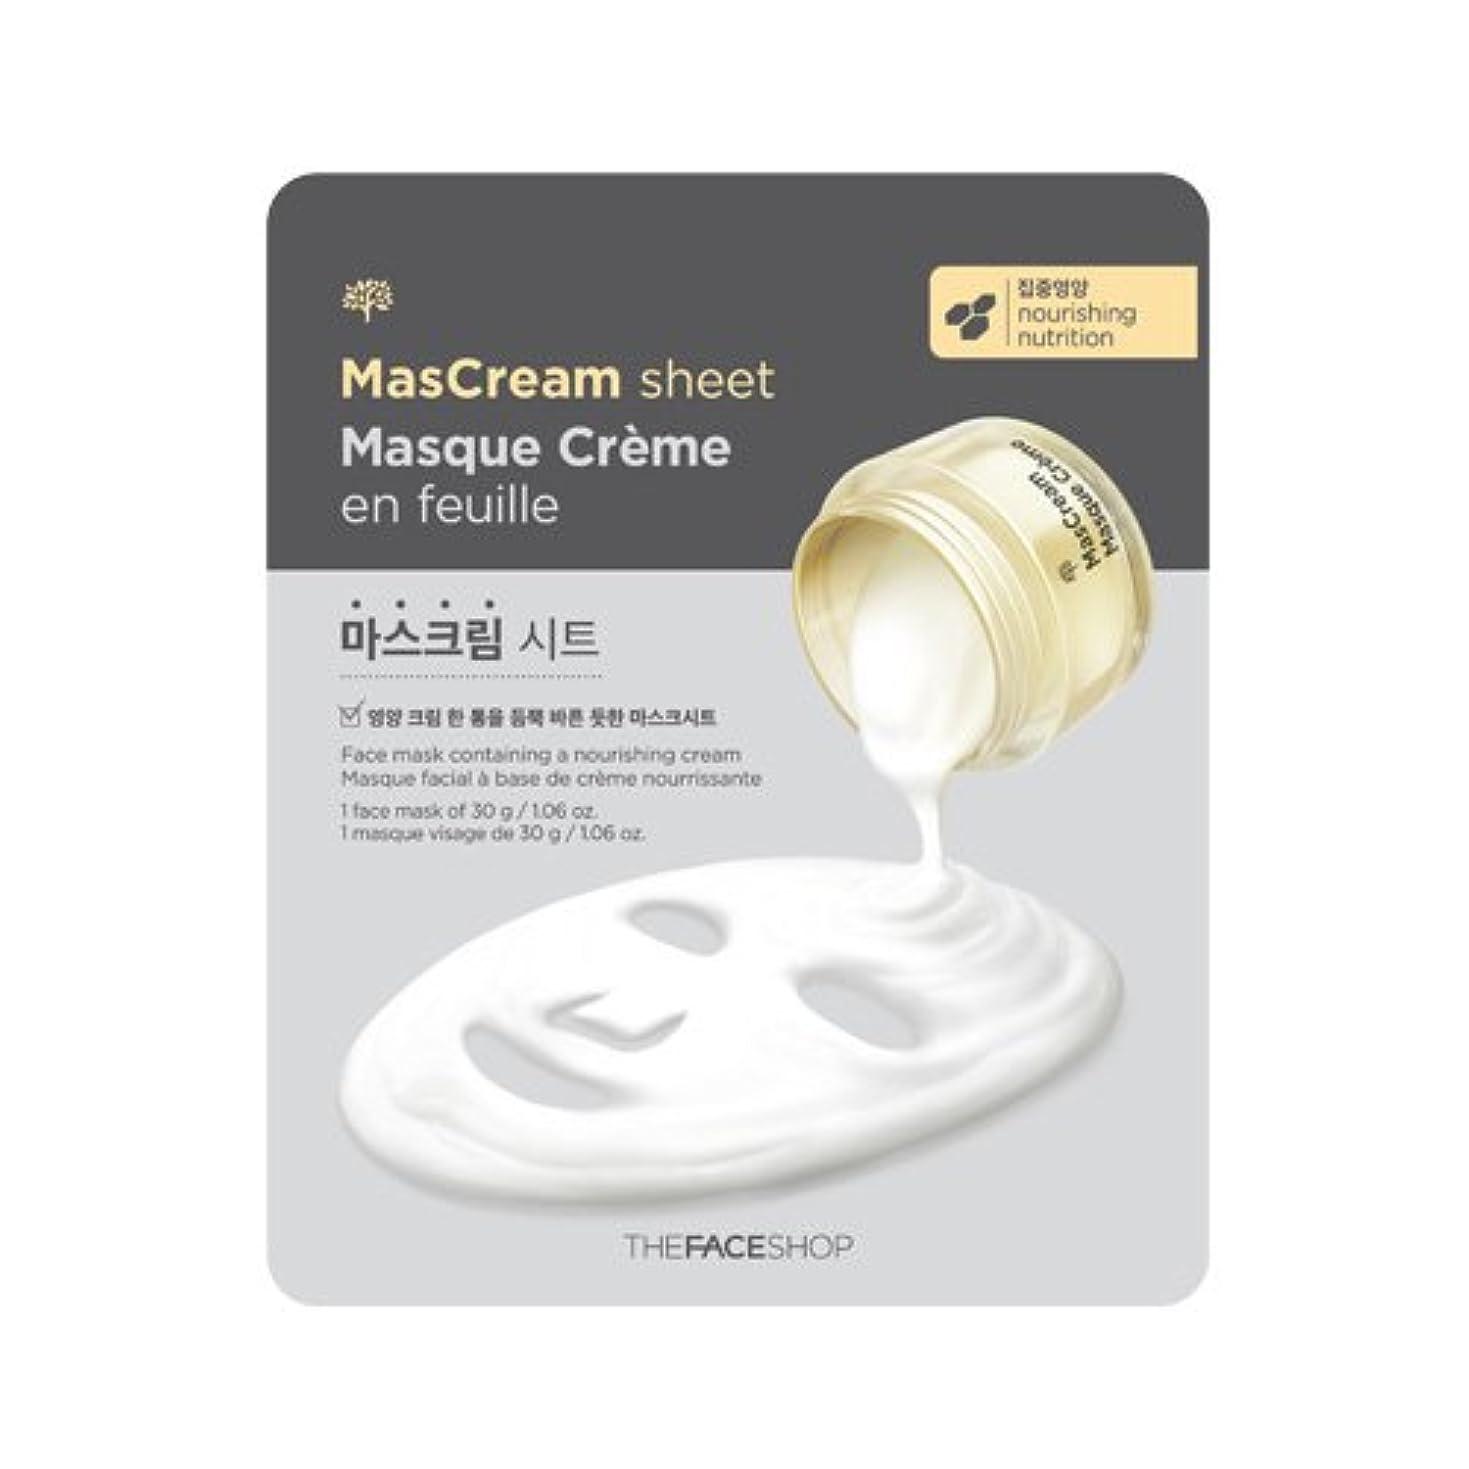 約設定そして教授ザフェイスショップ [THE FACE SHOP] MASCREAM SHEET x 2sheets マスクリームパック 2枚 (栄養 / NOURISHING) [並行輸入品]